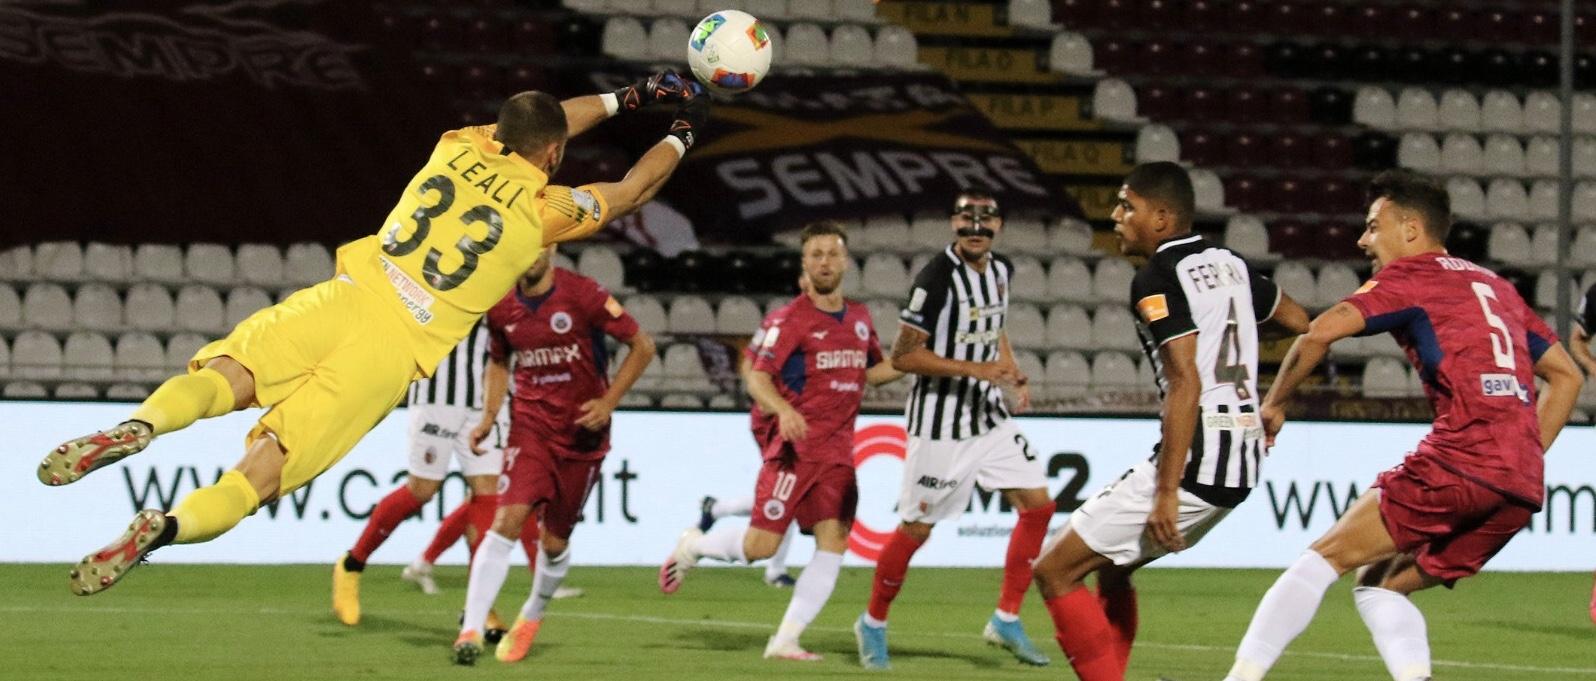 Cittadella – Ascoli 1 – 2